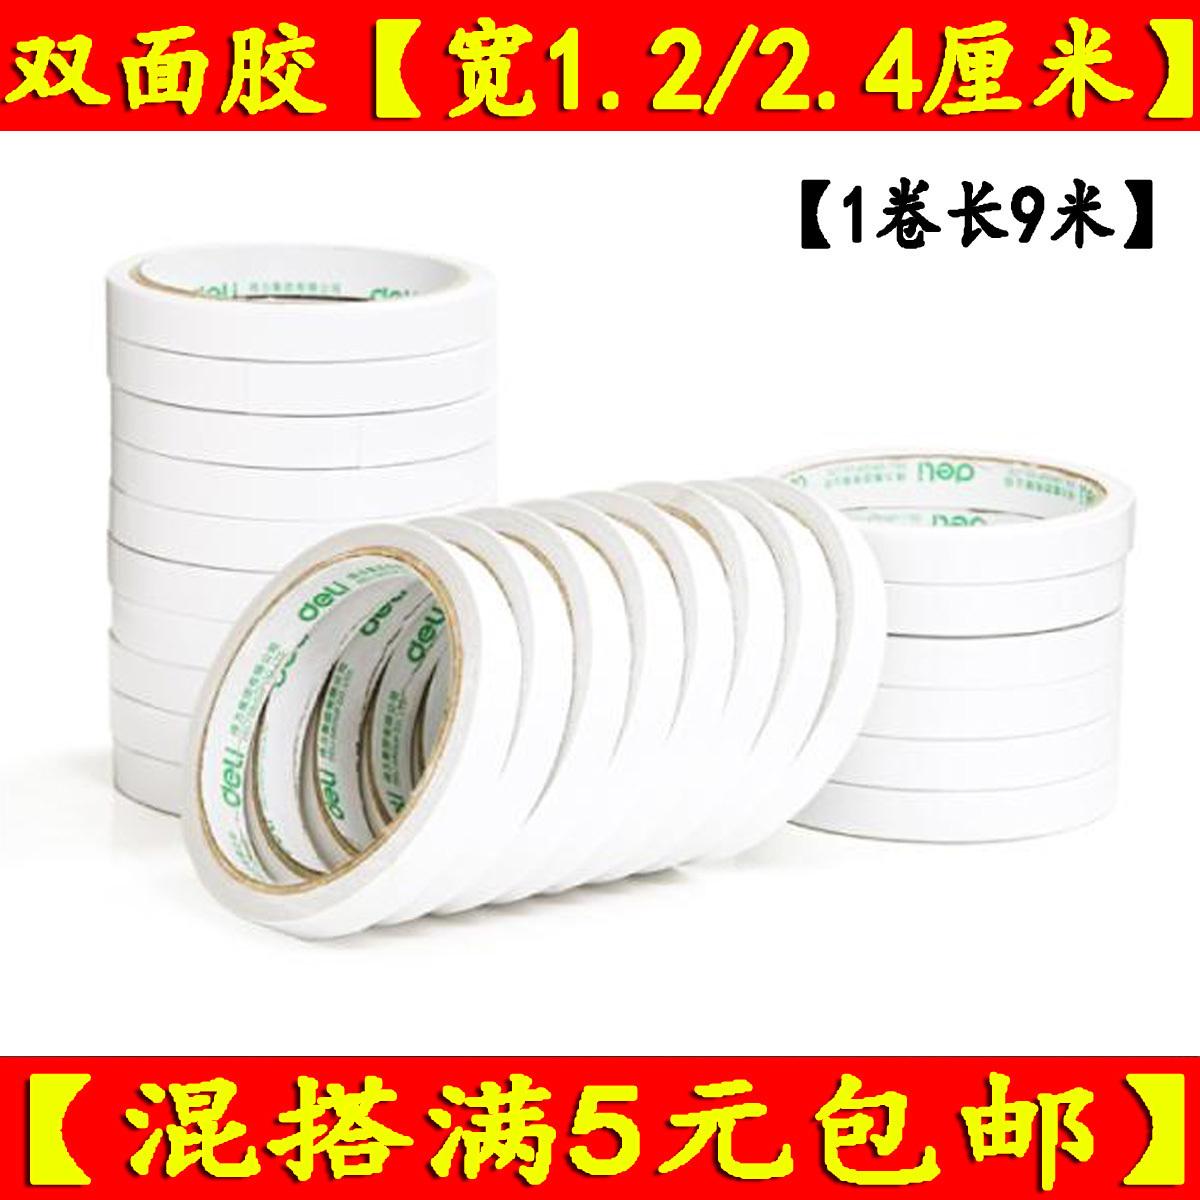 Мощный белый Пена резиновая двухсторонняя пена хлопок Пластиковая клейкая клейкая доска Super Adhesive высокая Sticky 1.5CM